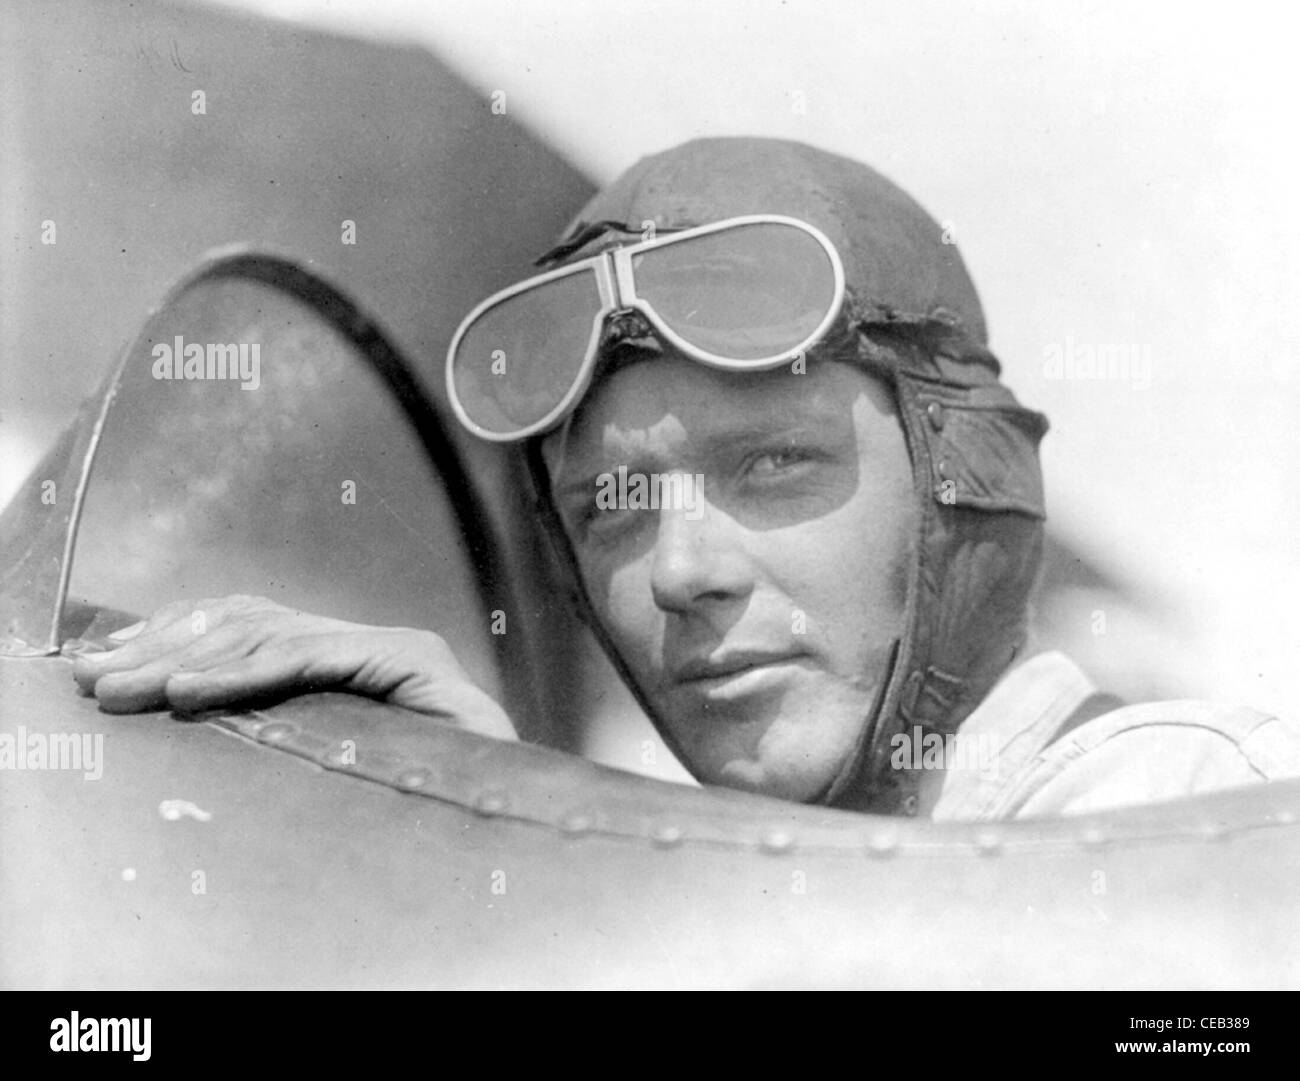 Charles Augustus Lindbergh era un aviador americano, autor, inventor, explorer y activista social. Imagen De Stock